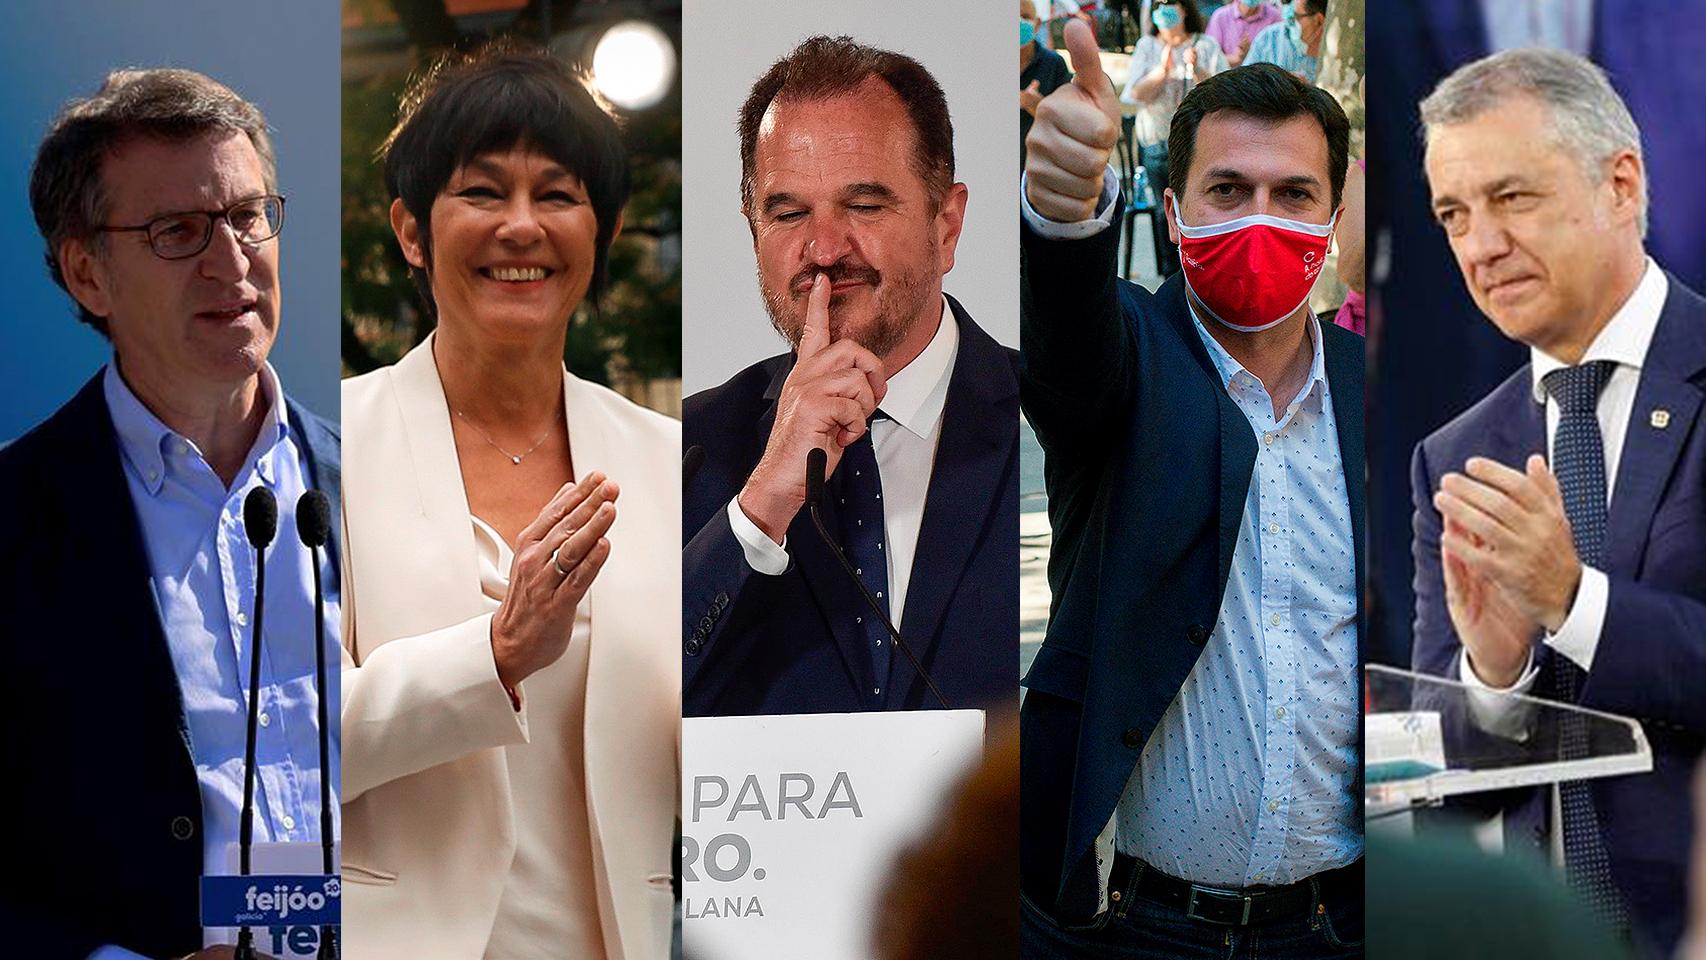 Ganadores y perdedores de las elecciones en Galicia y País Vasco.